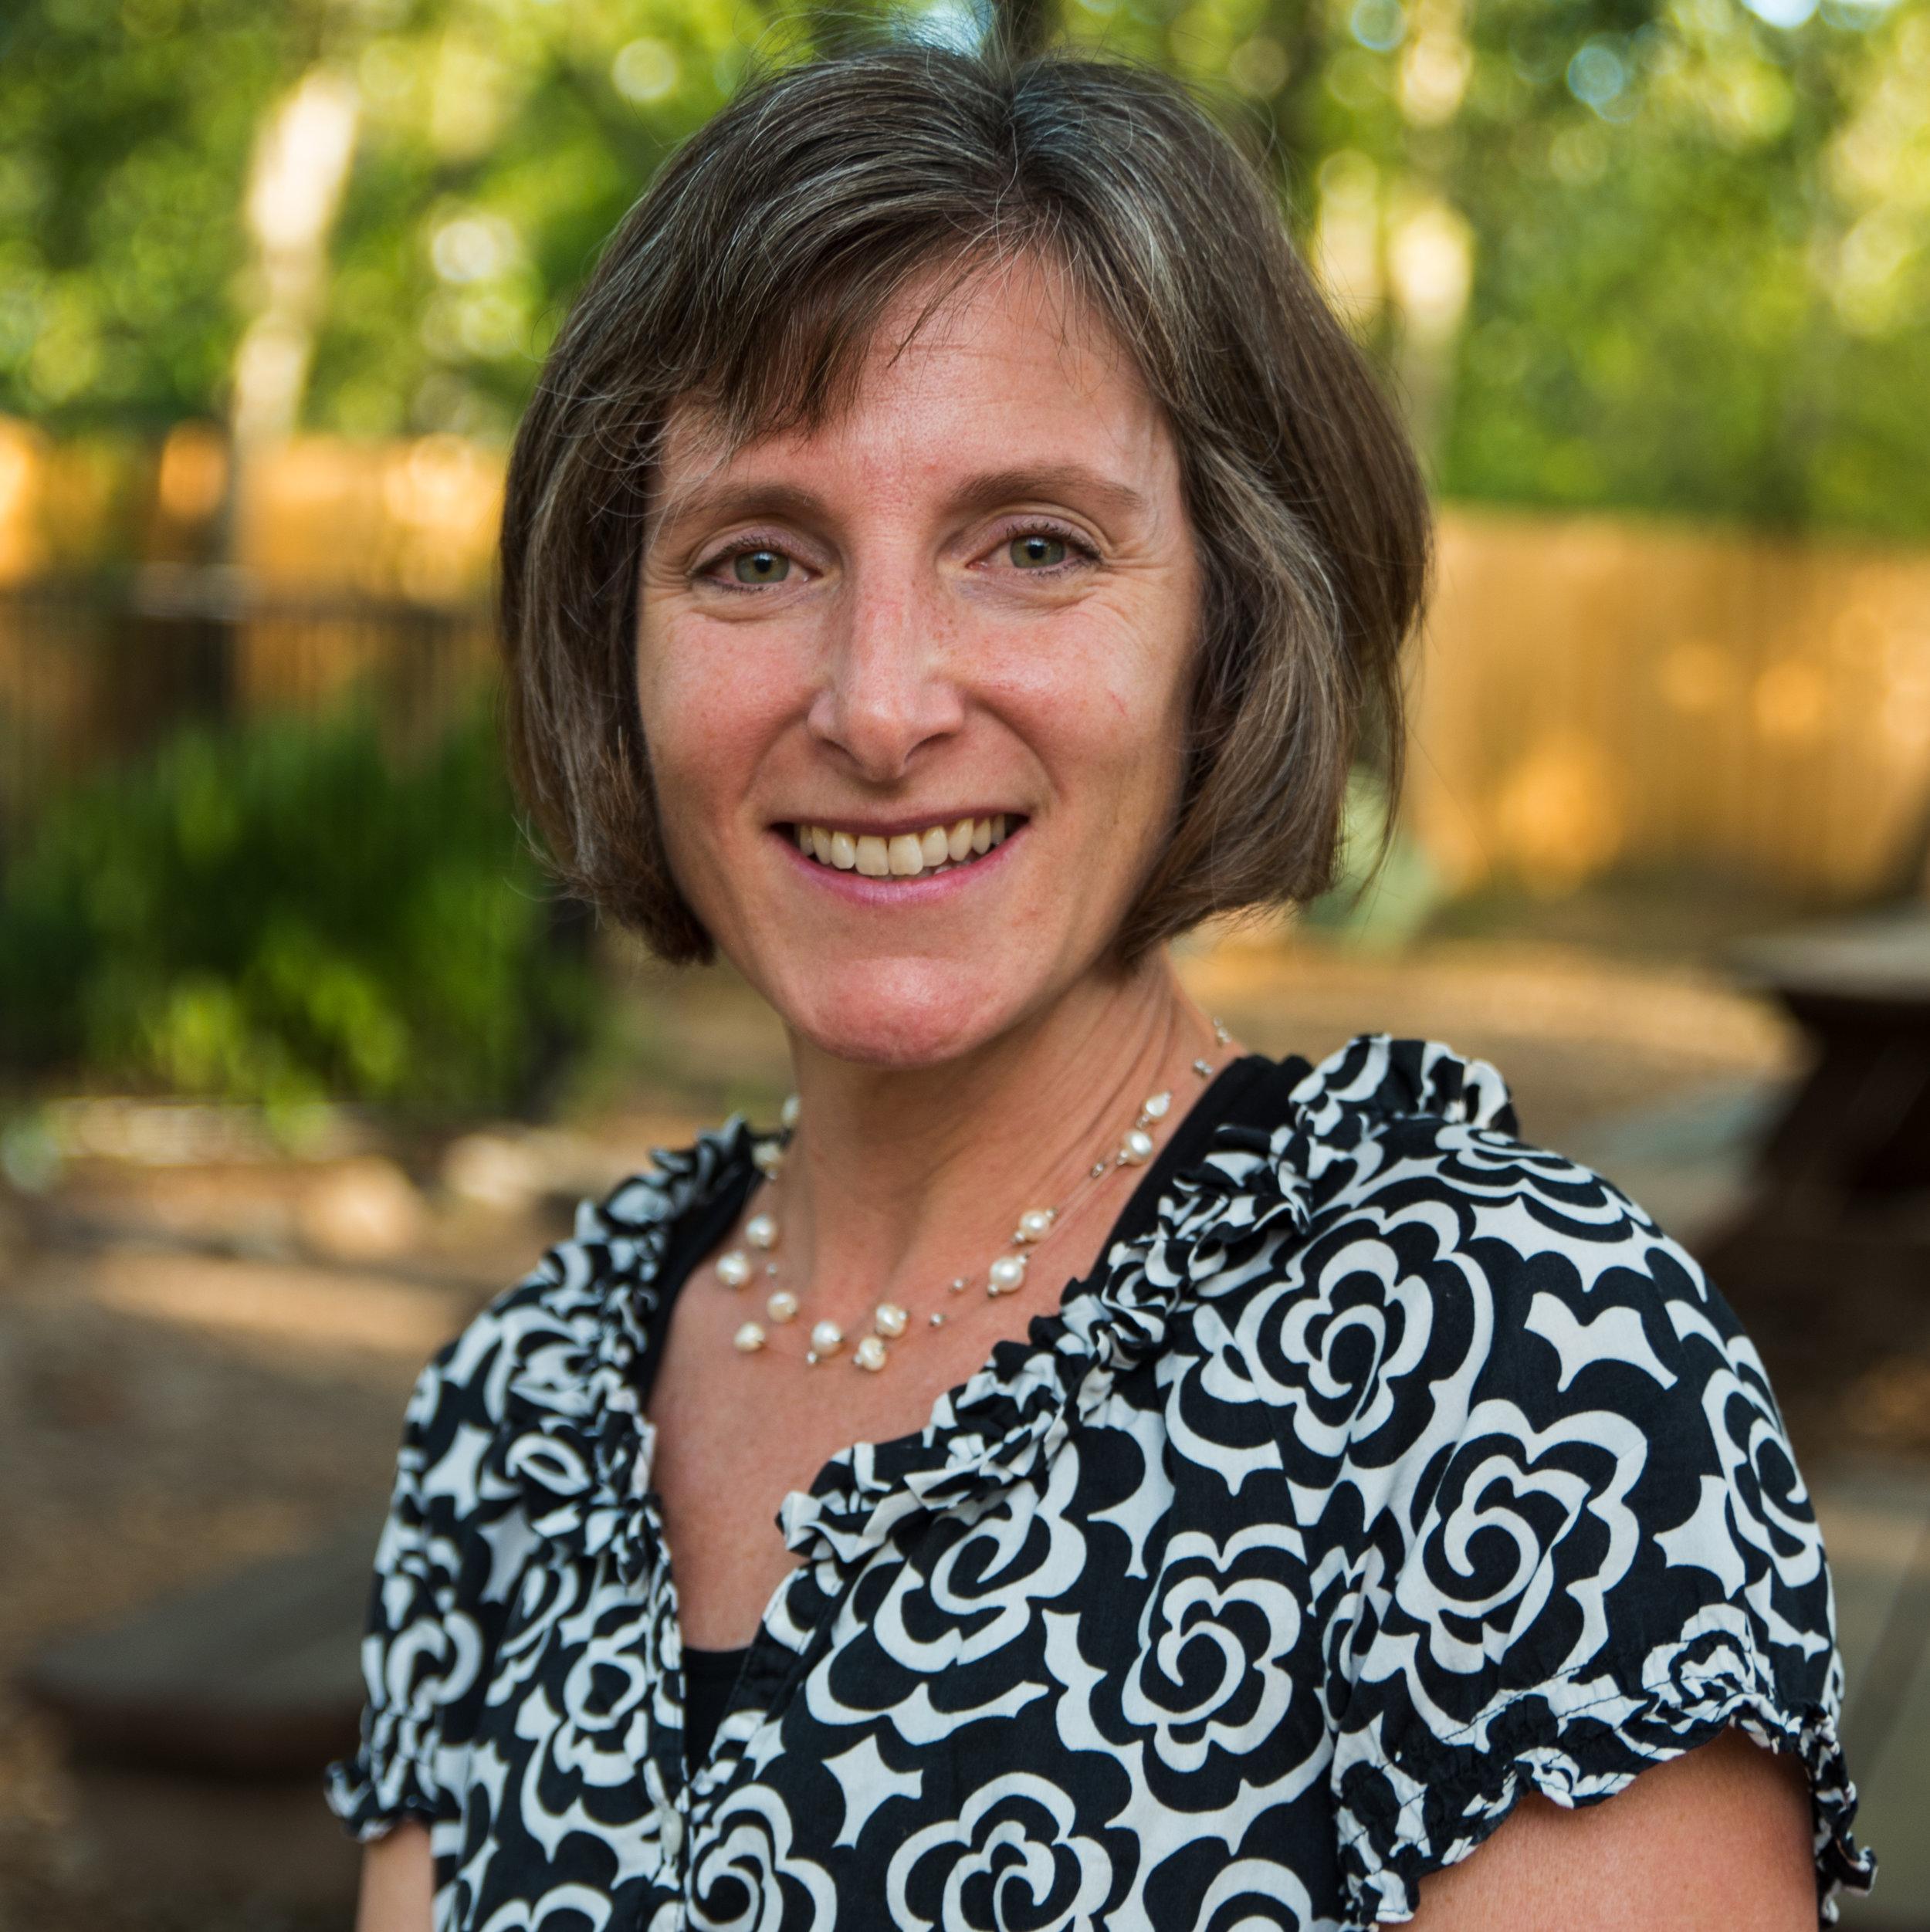 Helen Flynn - is a Gesell Developmental Assessorand teaches Art